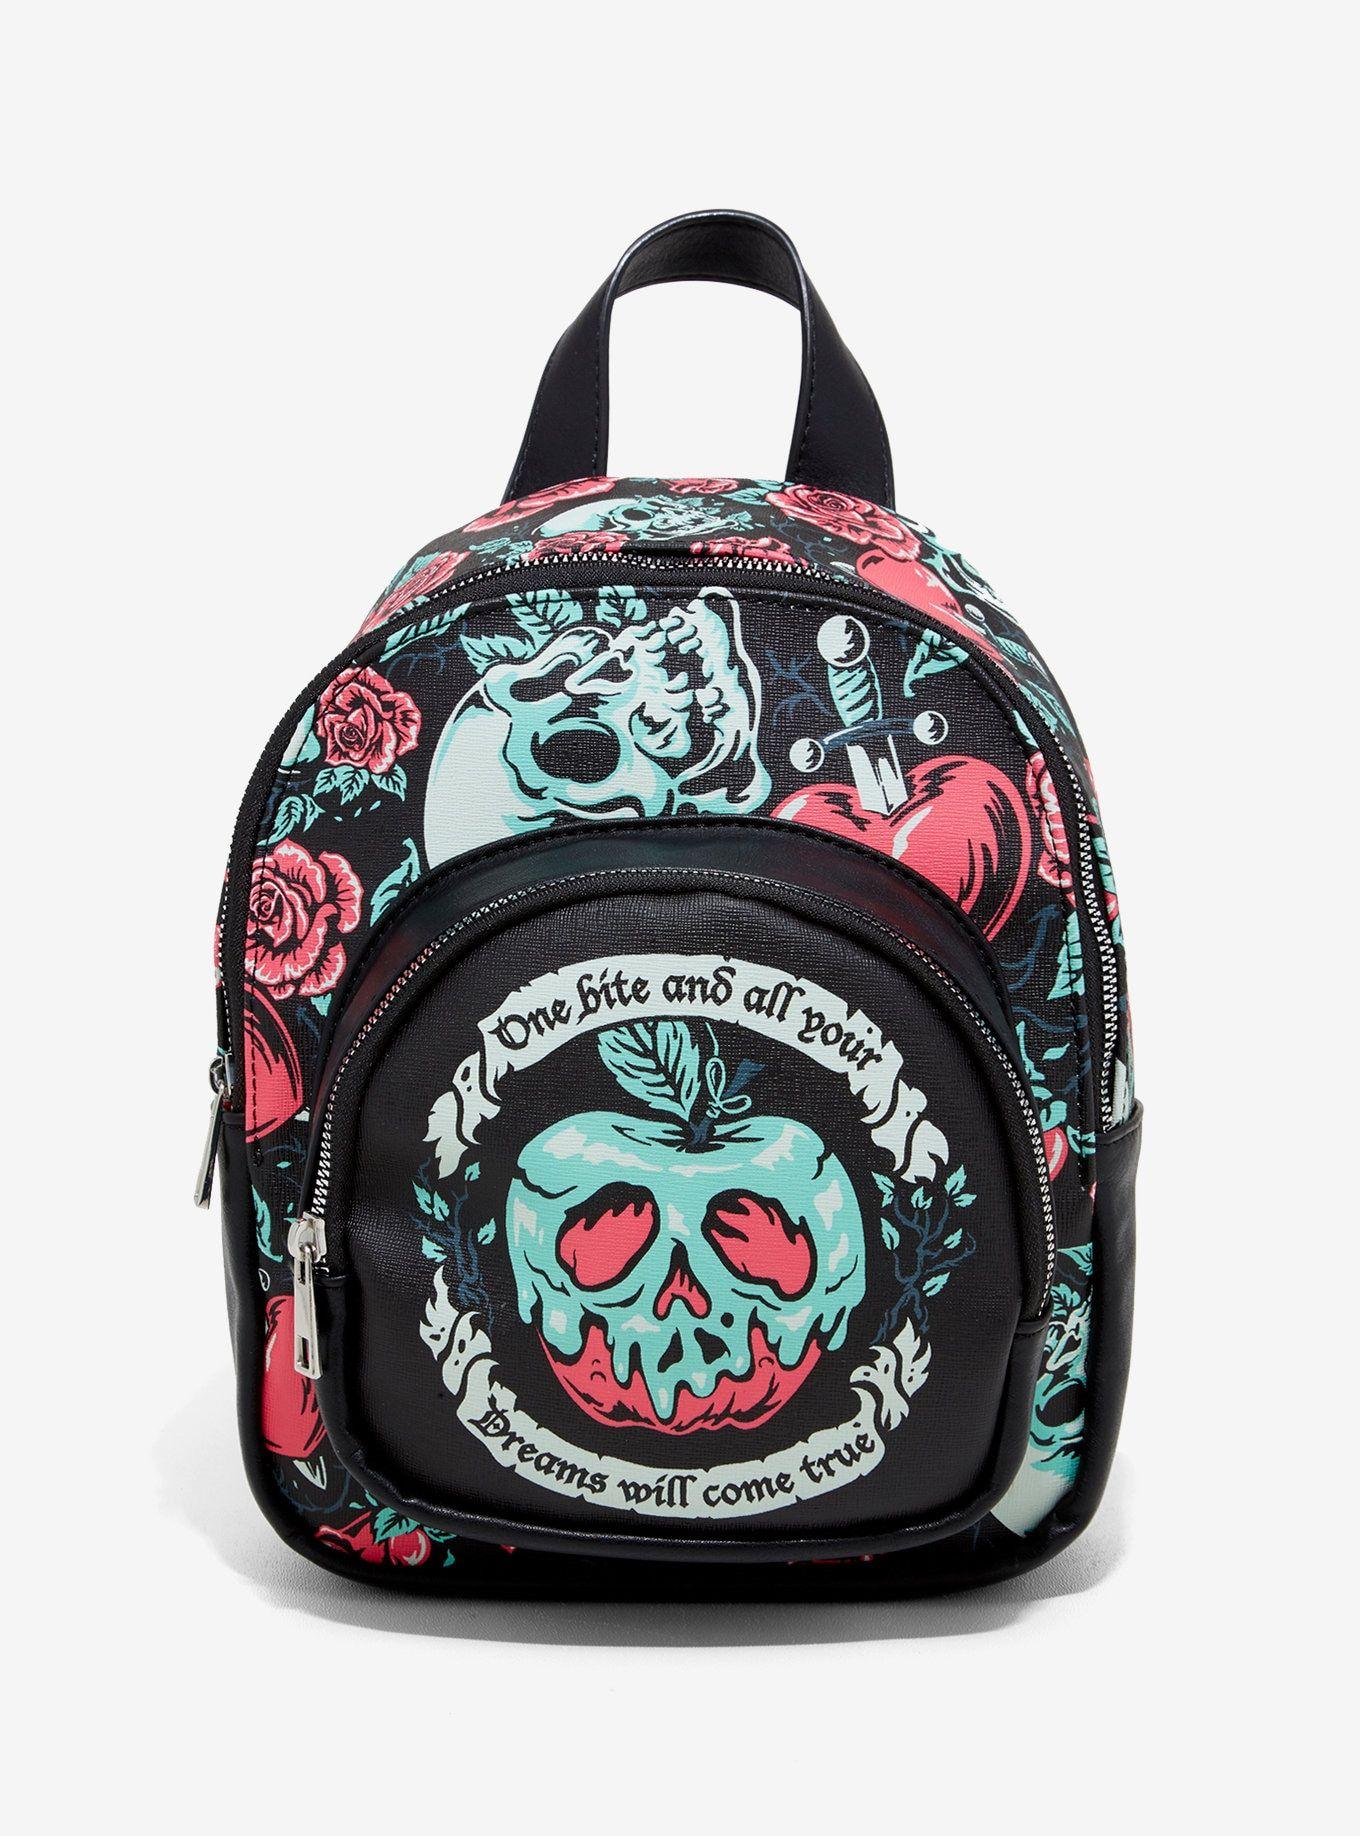 Disney villains evil queen poison apple mini backpack in